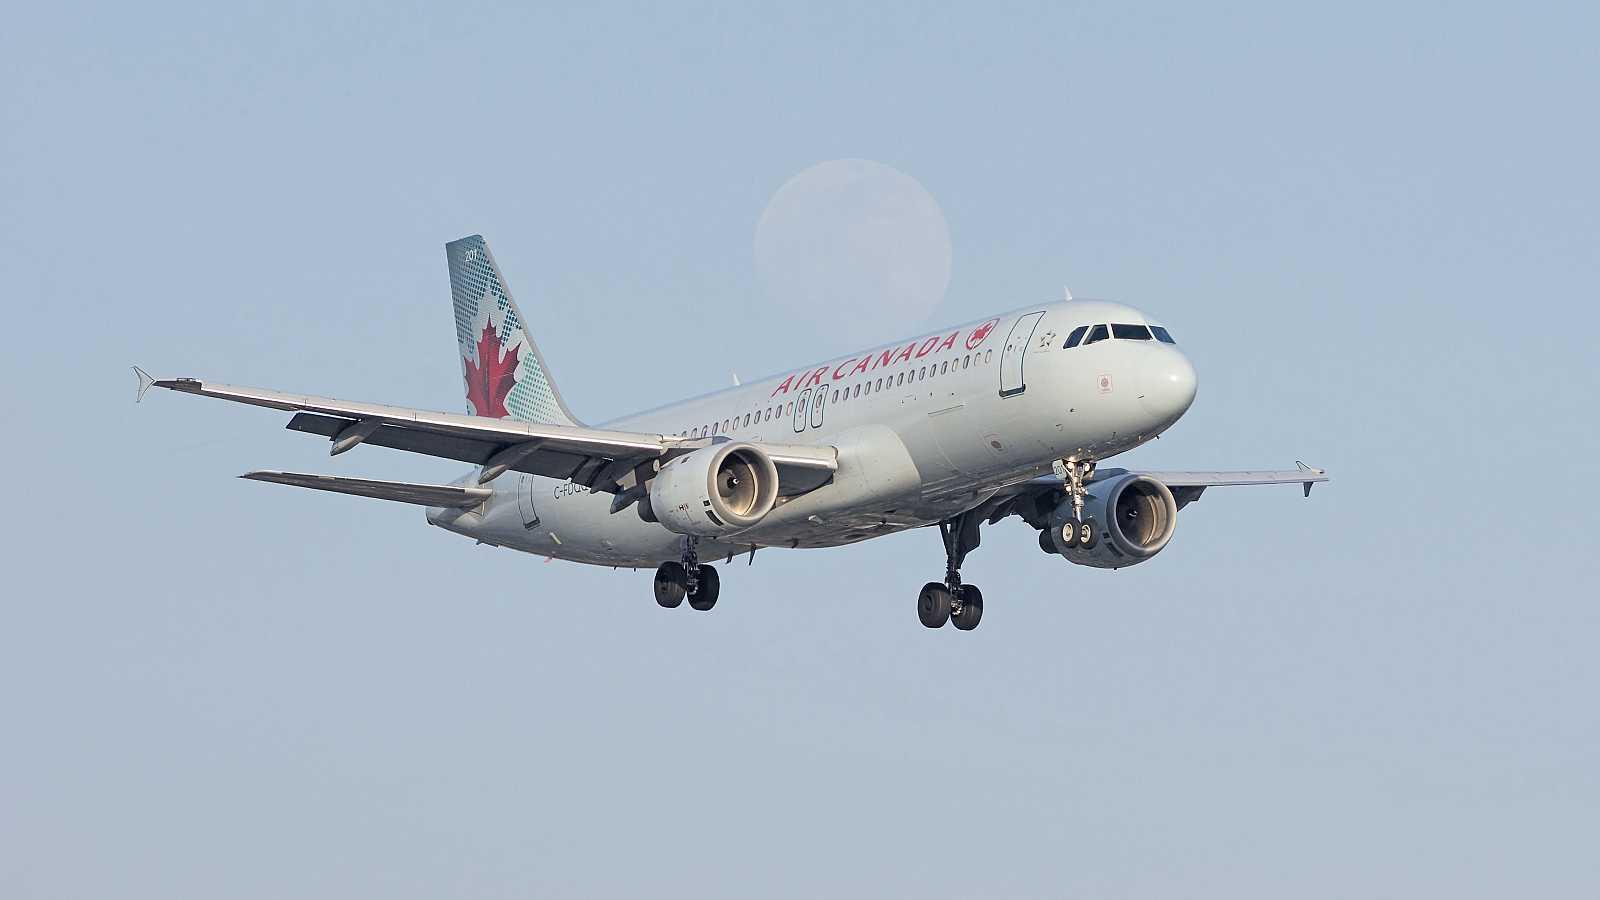 """El SEPLA, sobre el avión de Air Canada: """"Lo tienen absolutamente bajo control, están buscando tener el peso adecuado para aterrizar"""""""